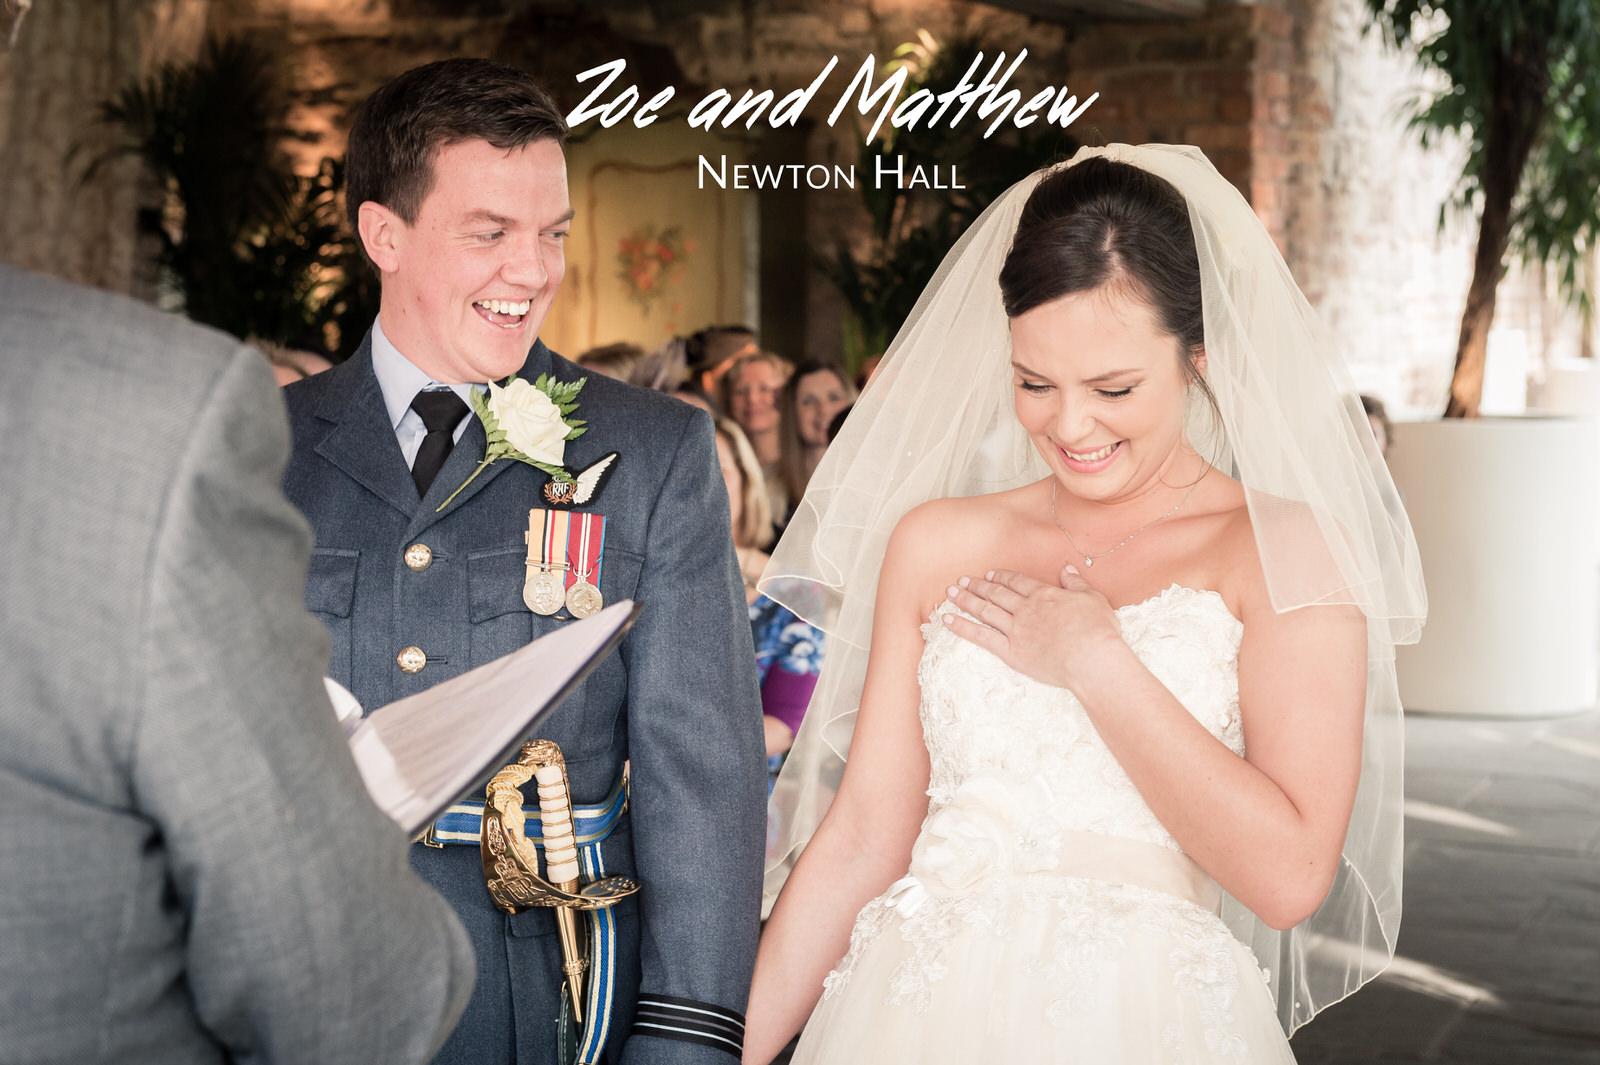 Zoe and Matthew's Wedding - Newton Hall